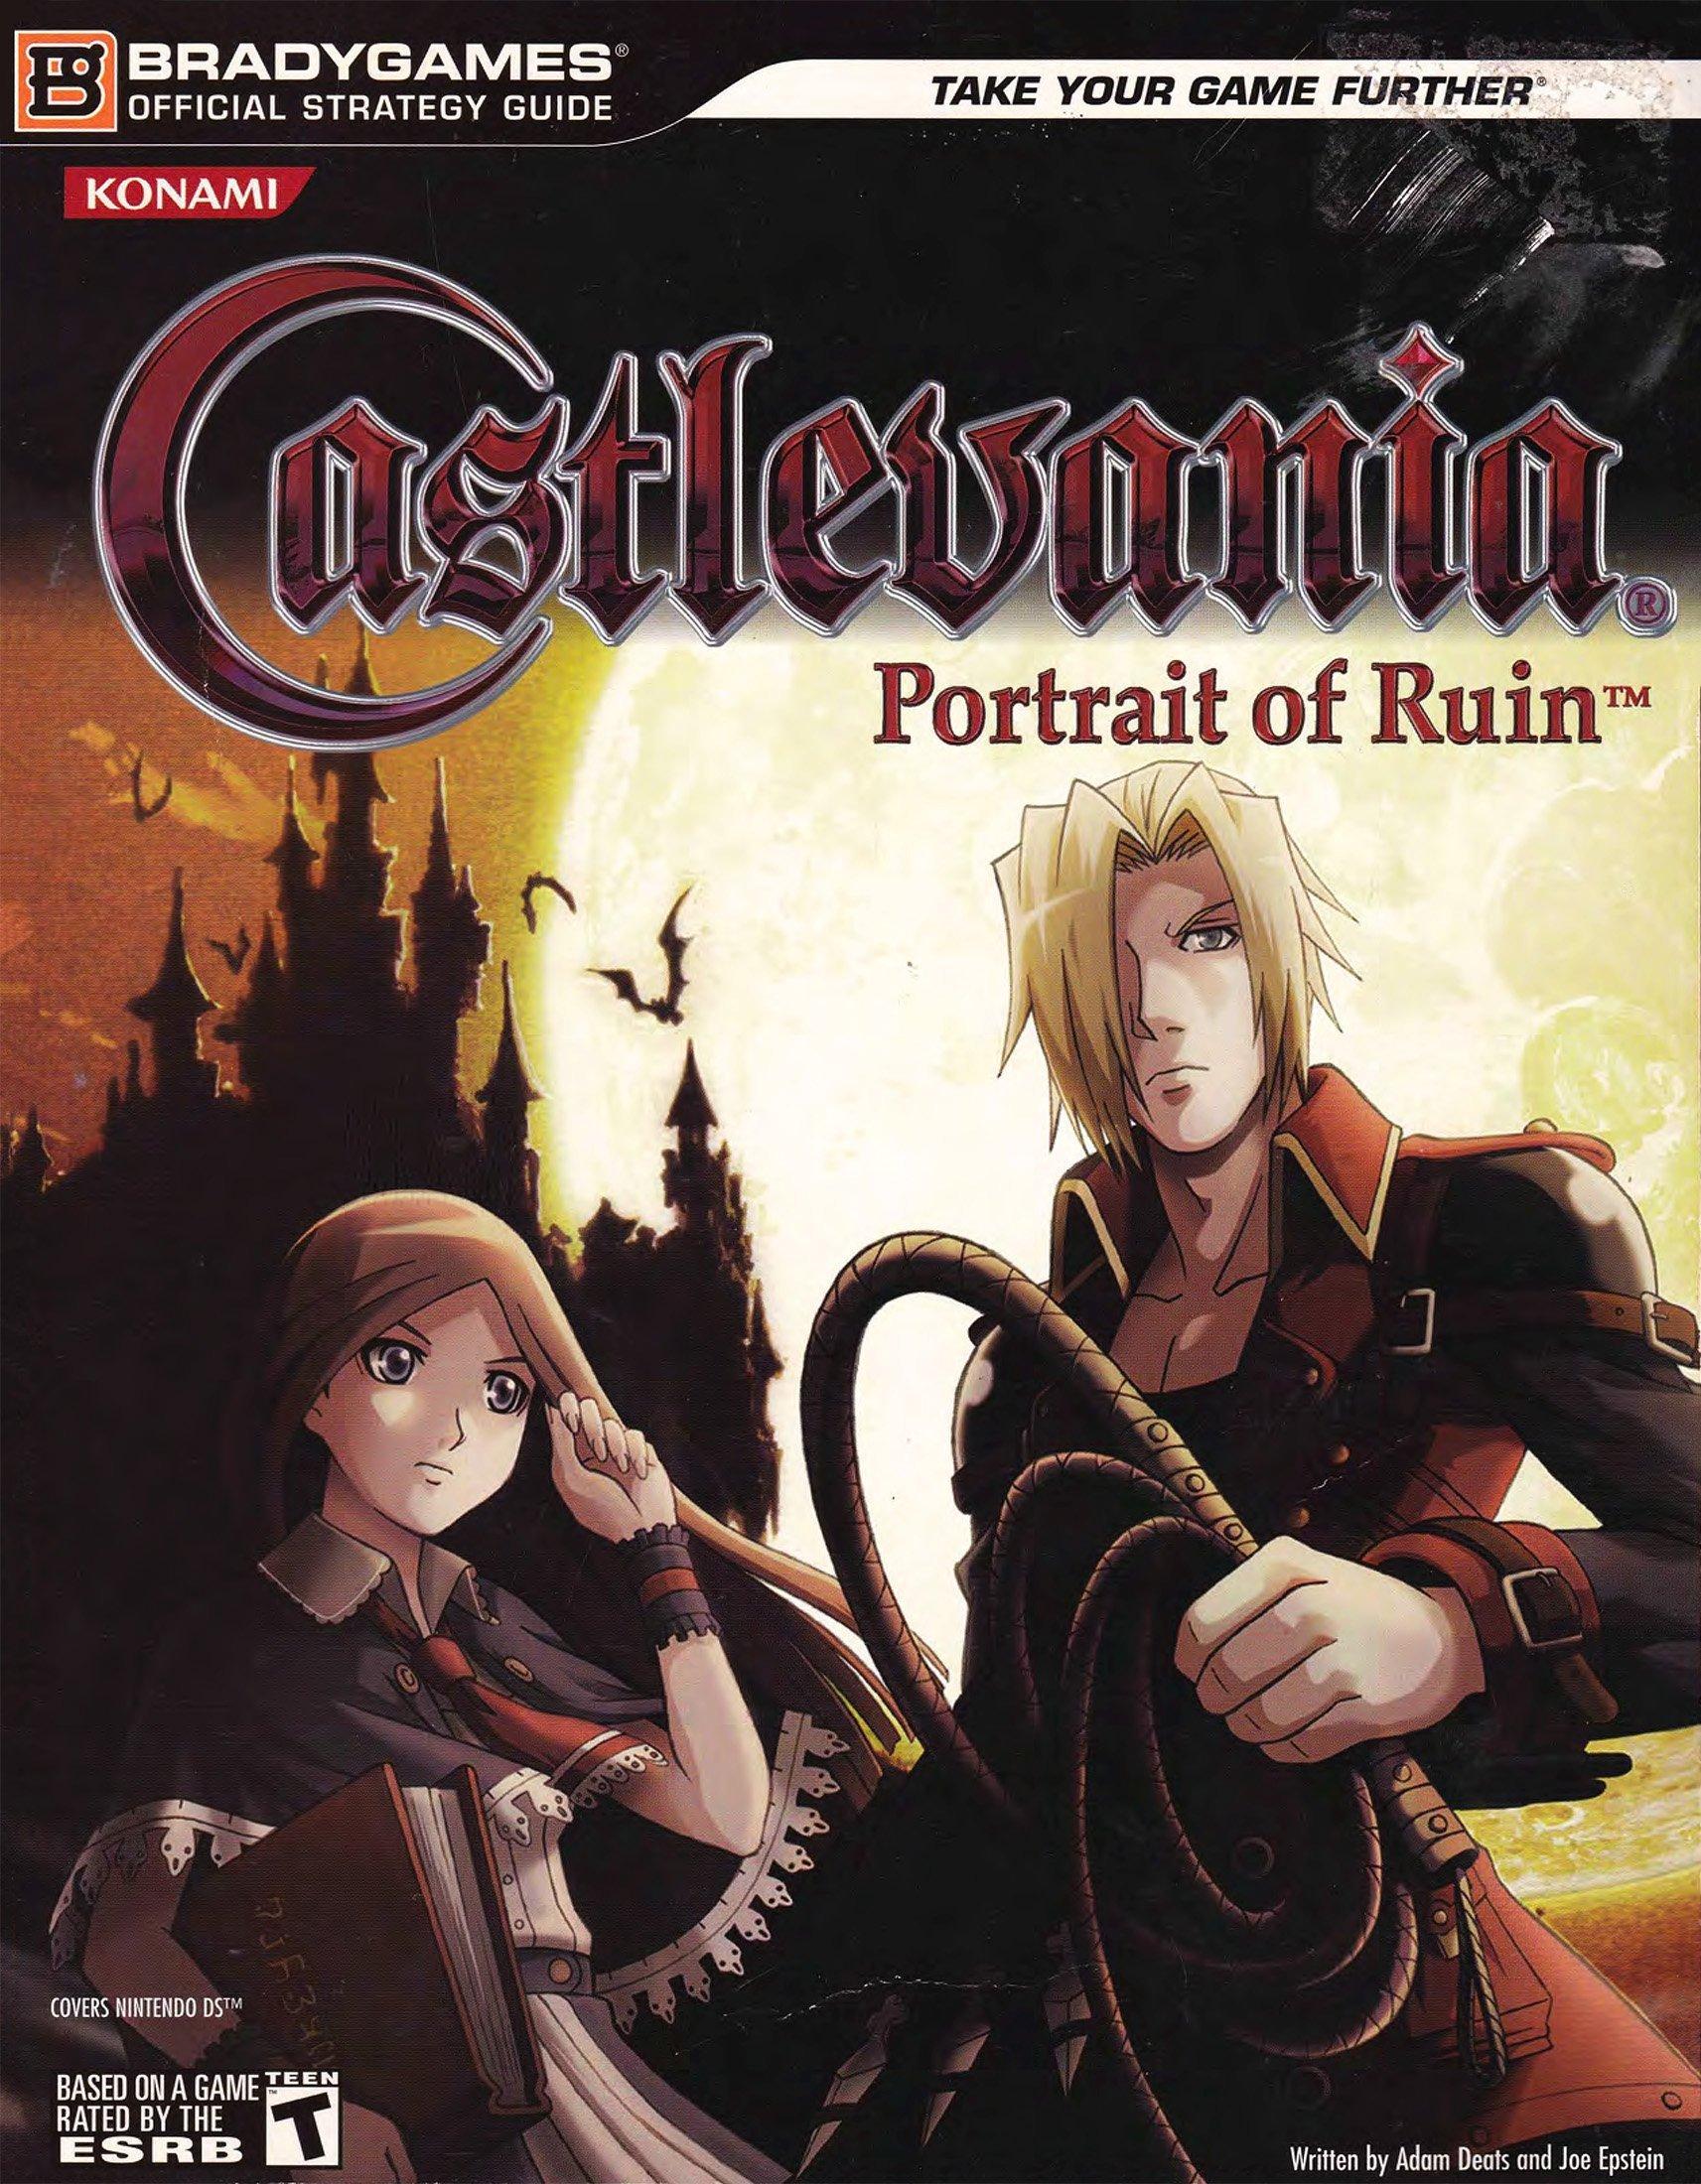 Castlevania Portrait of Ruin